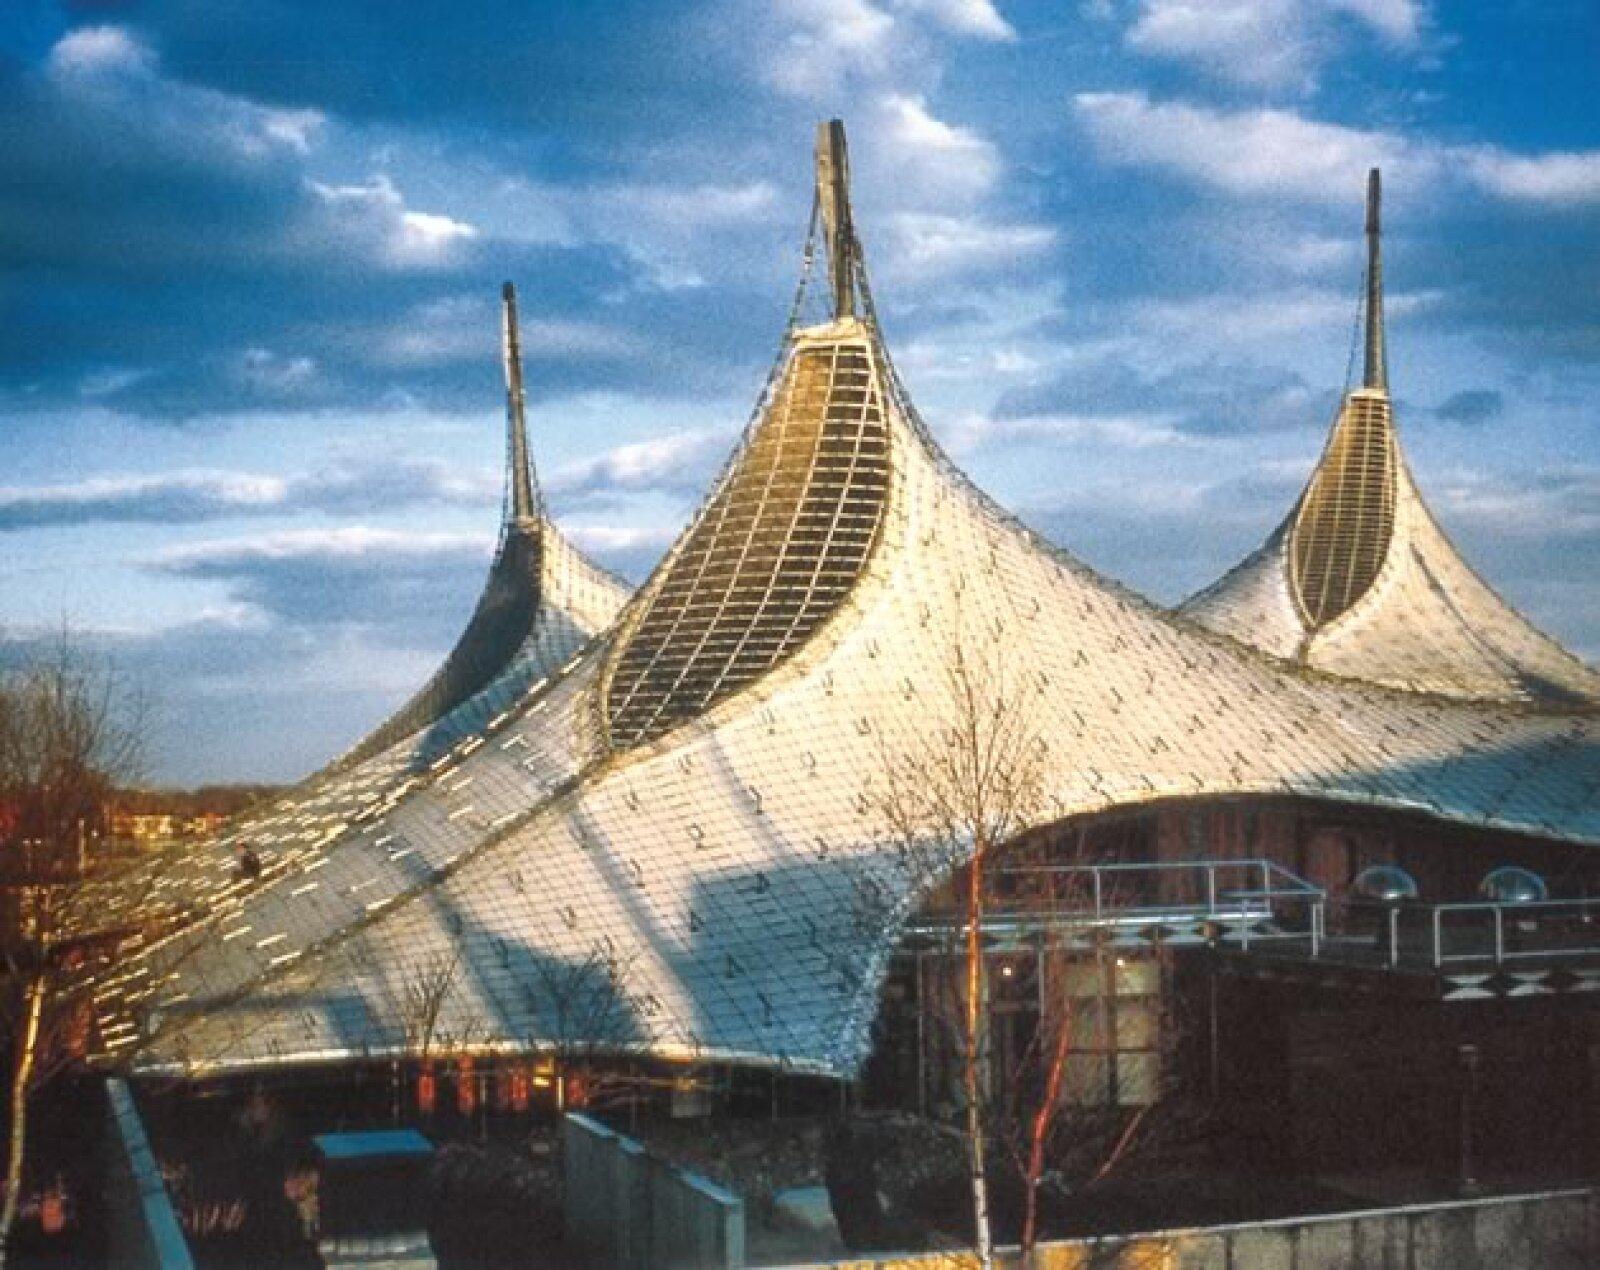 Centro de Exposiciones de Montreal 1967 (Pritzker Academy)